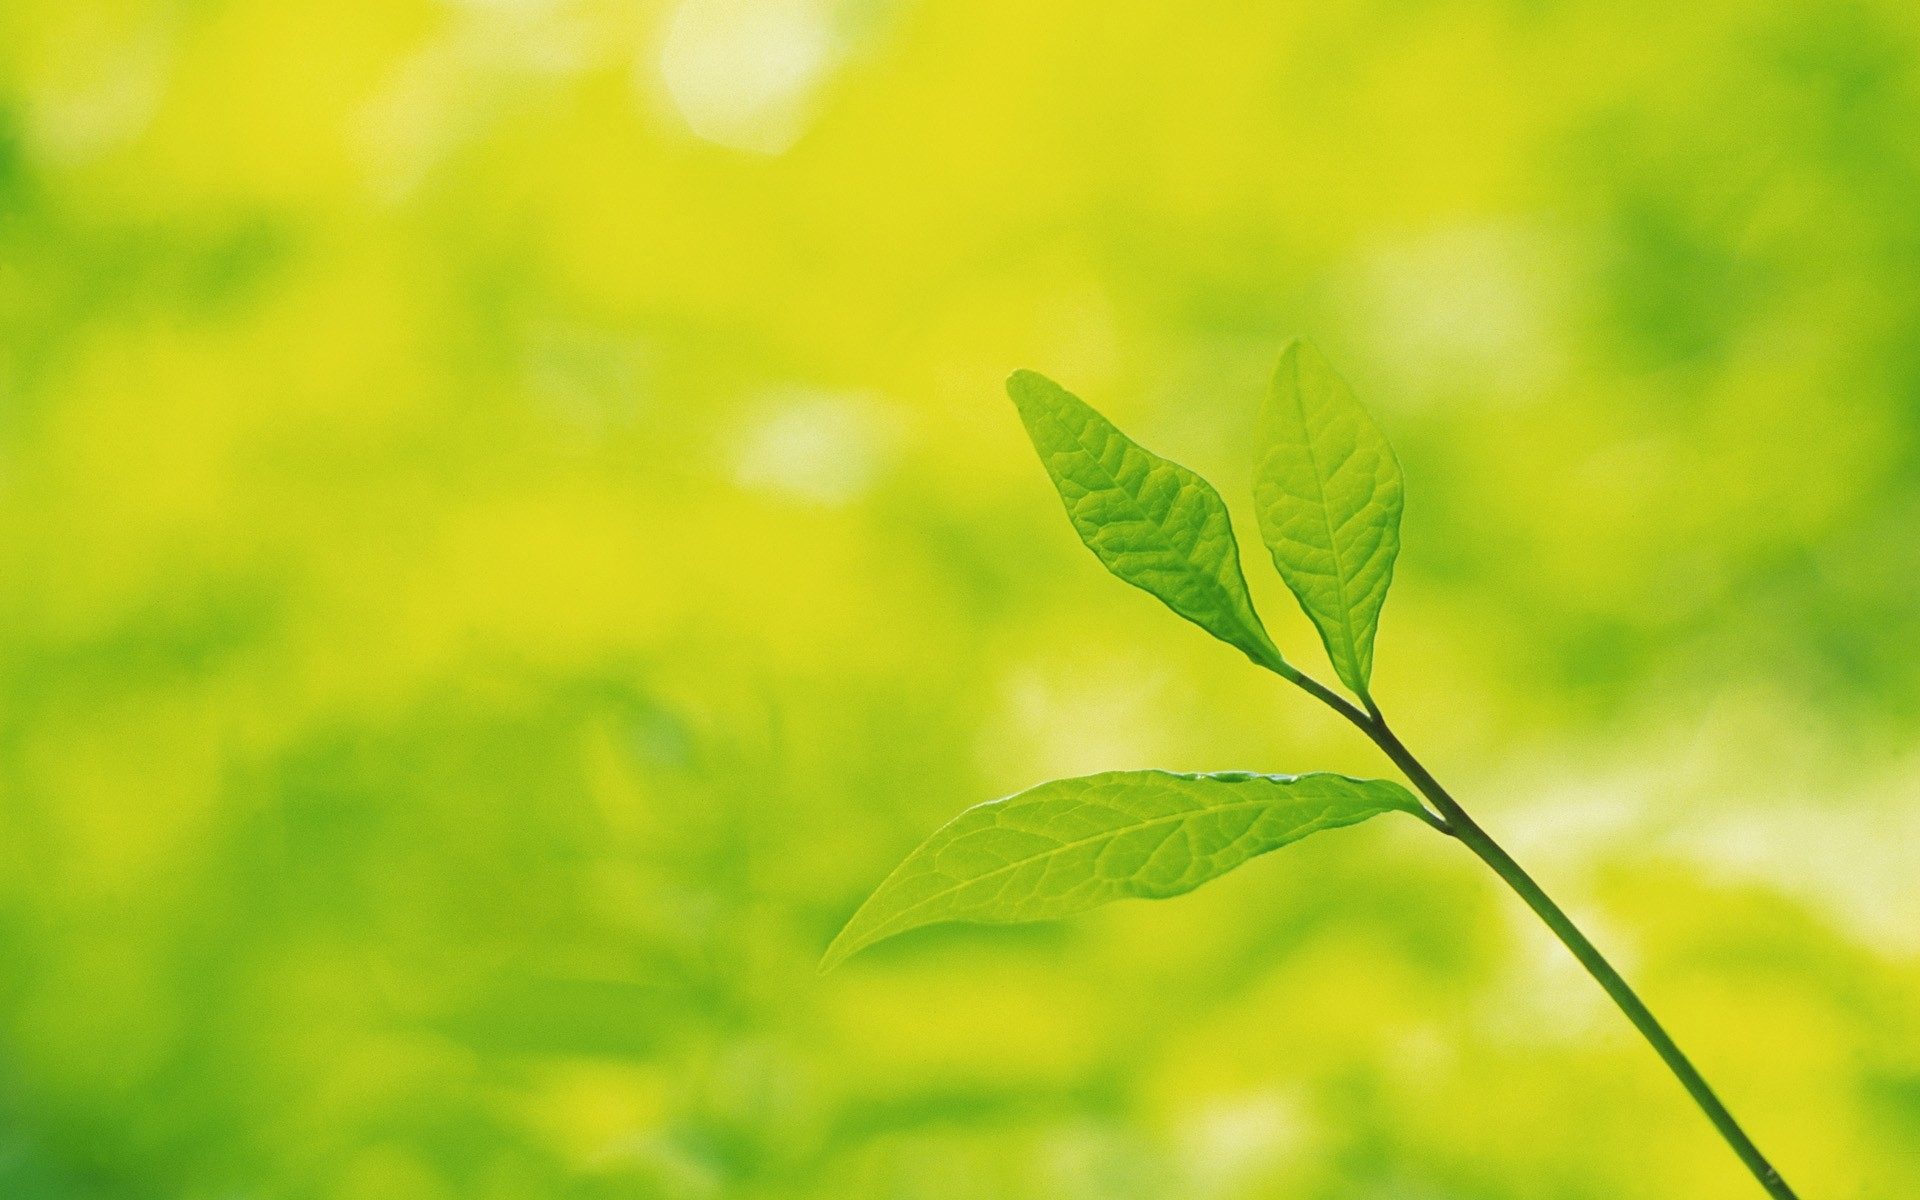 Fondos De Hojas De Papel: Frescas Hojas De Papel Tapiz Verde (2) #16